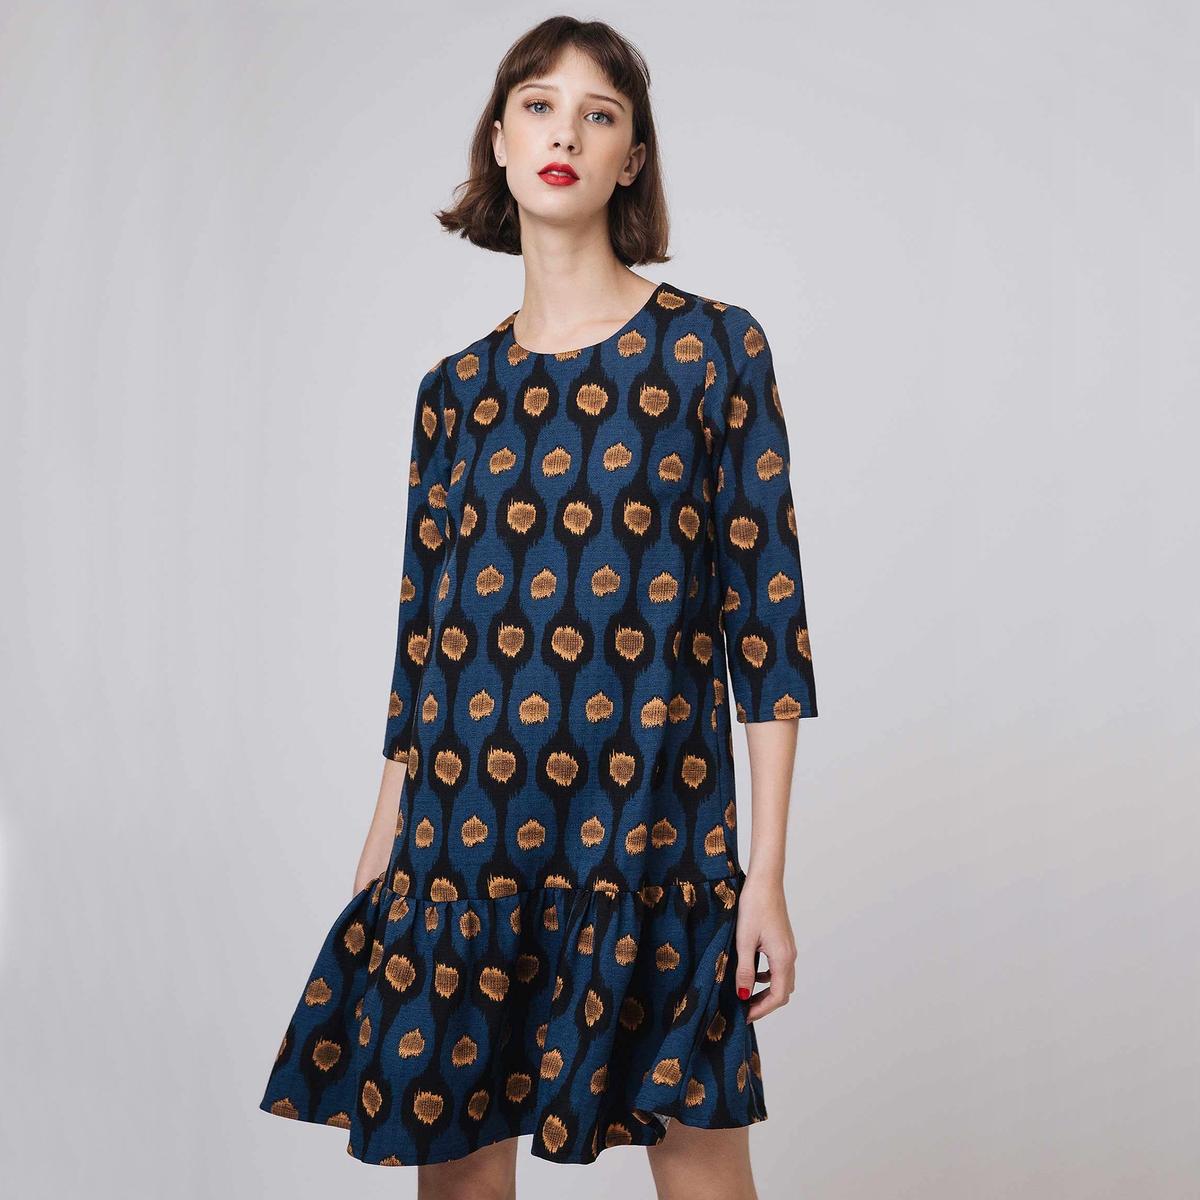 Платье короткое расклешенное с этническим рисунком и длинными рукавами платье расклешенное с длинными рукавами и круглым вырезом